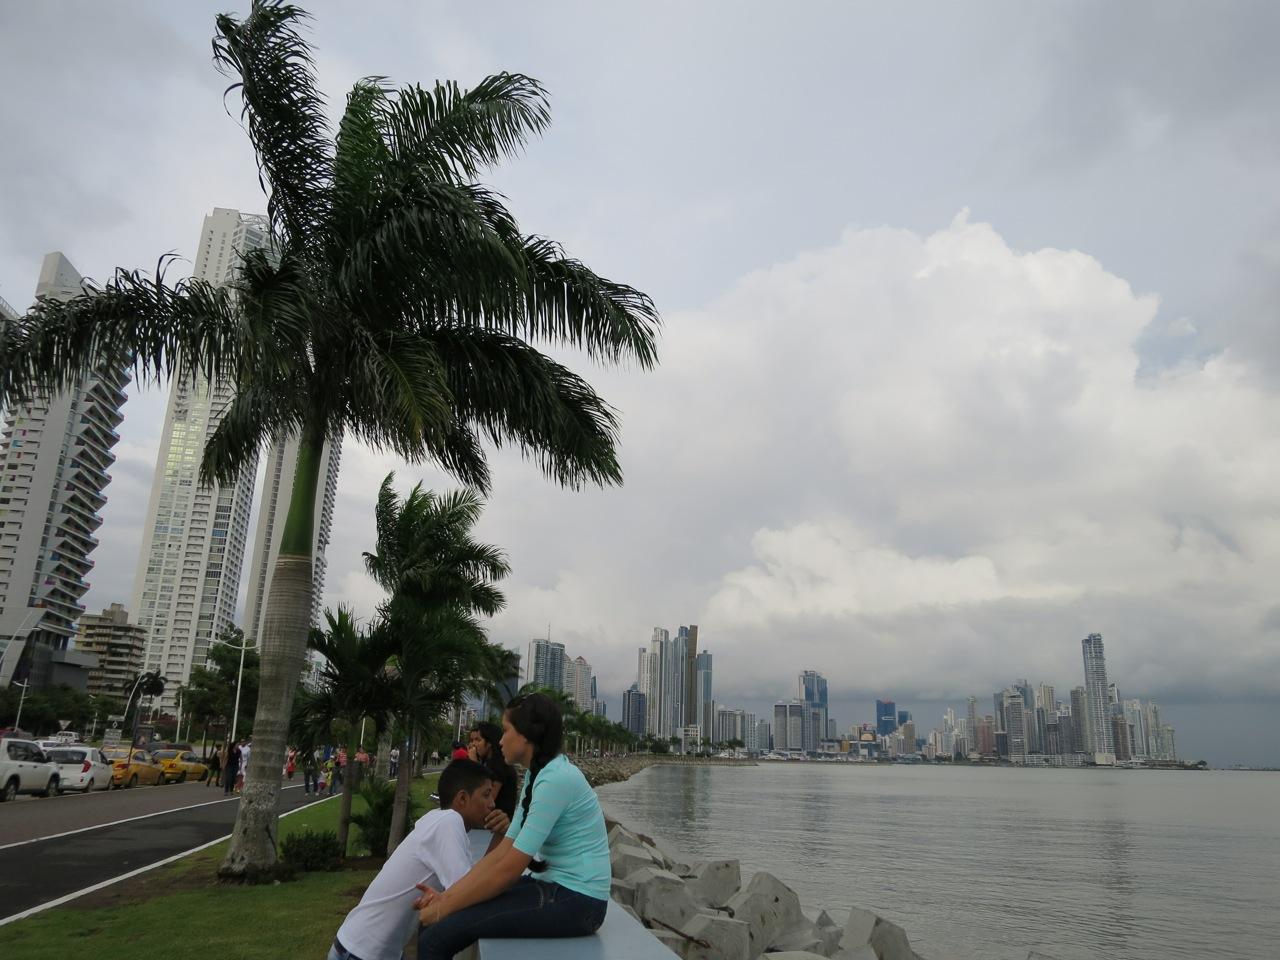 Ciudad de Panama 1 12